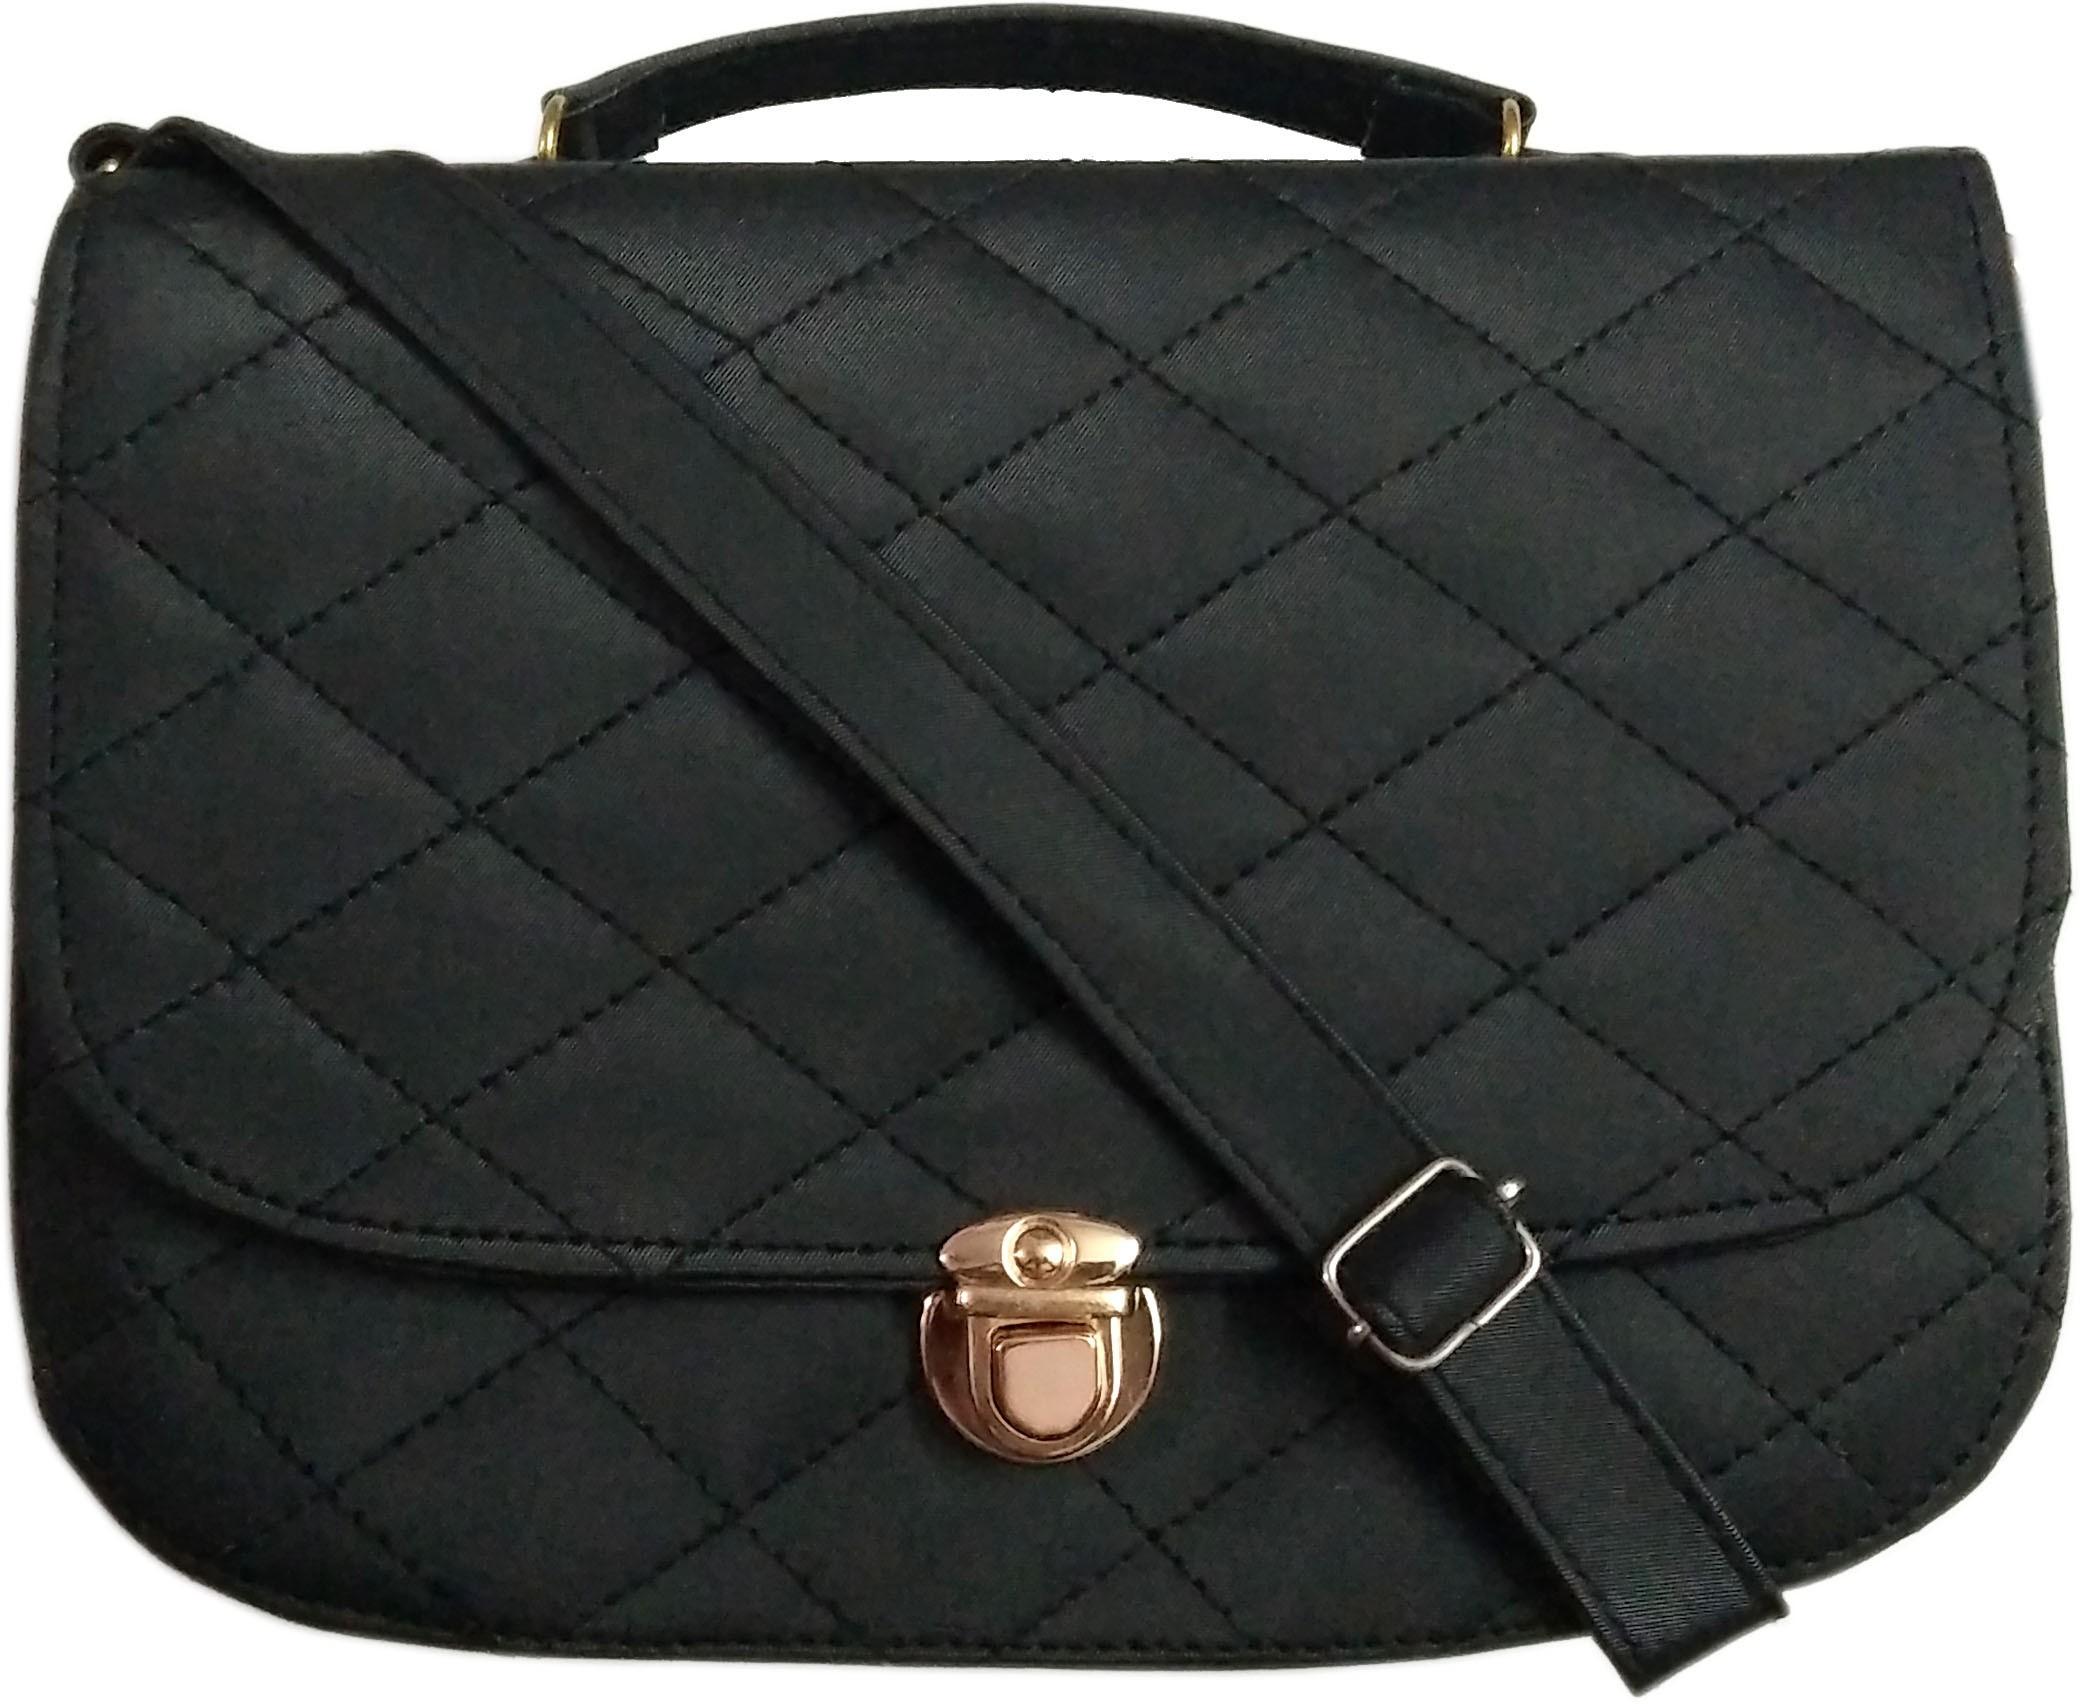 Sling bag below 500 - Madash Girls Black Leatherette Sling Bag